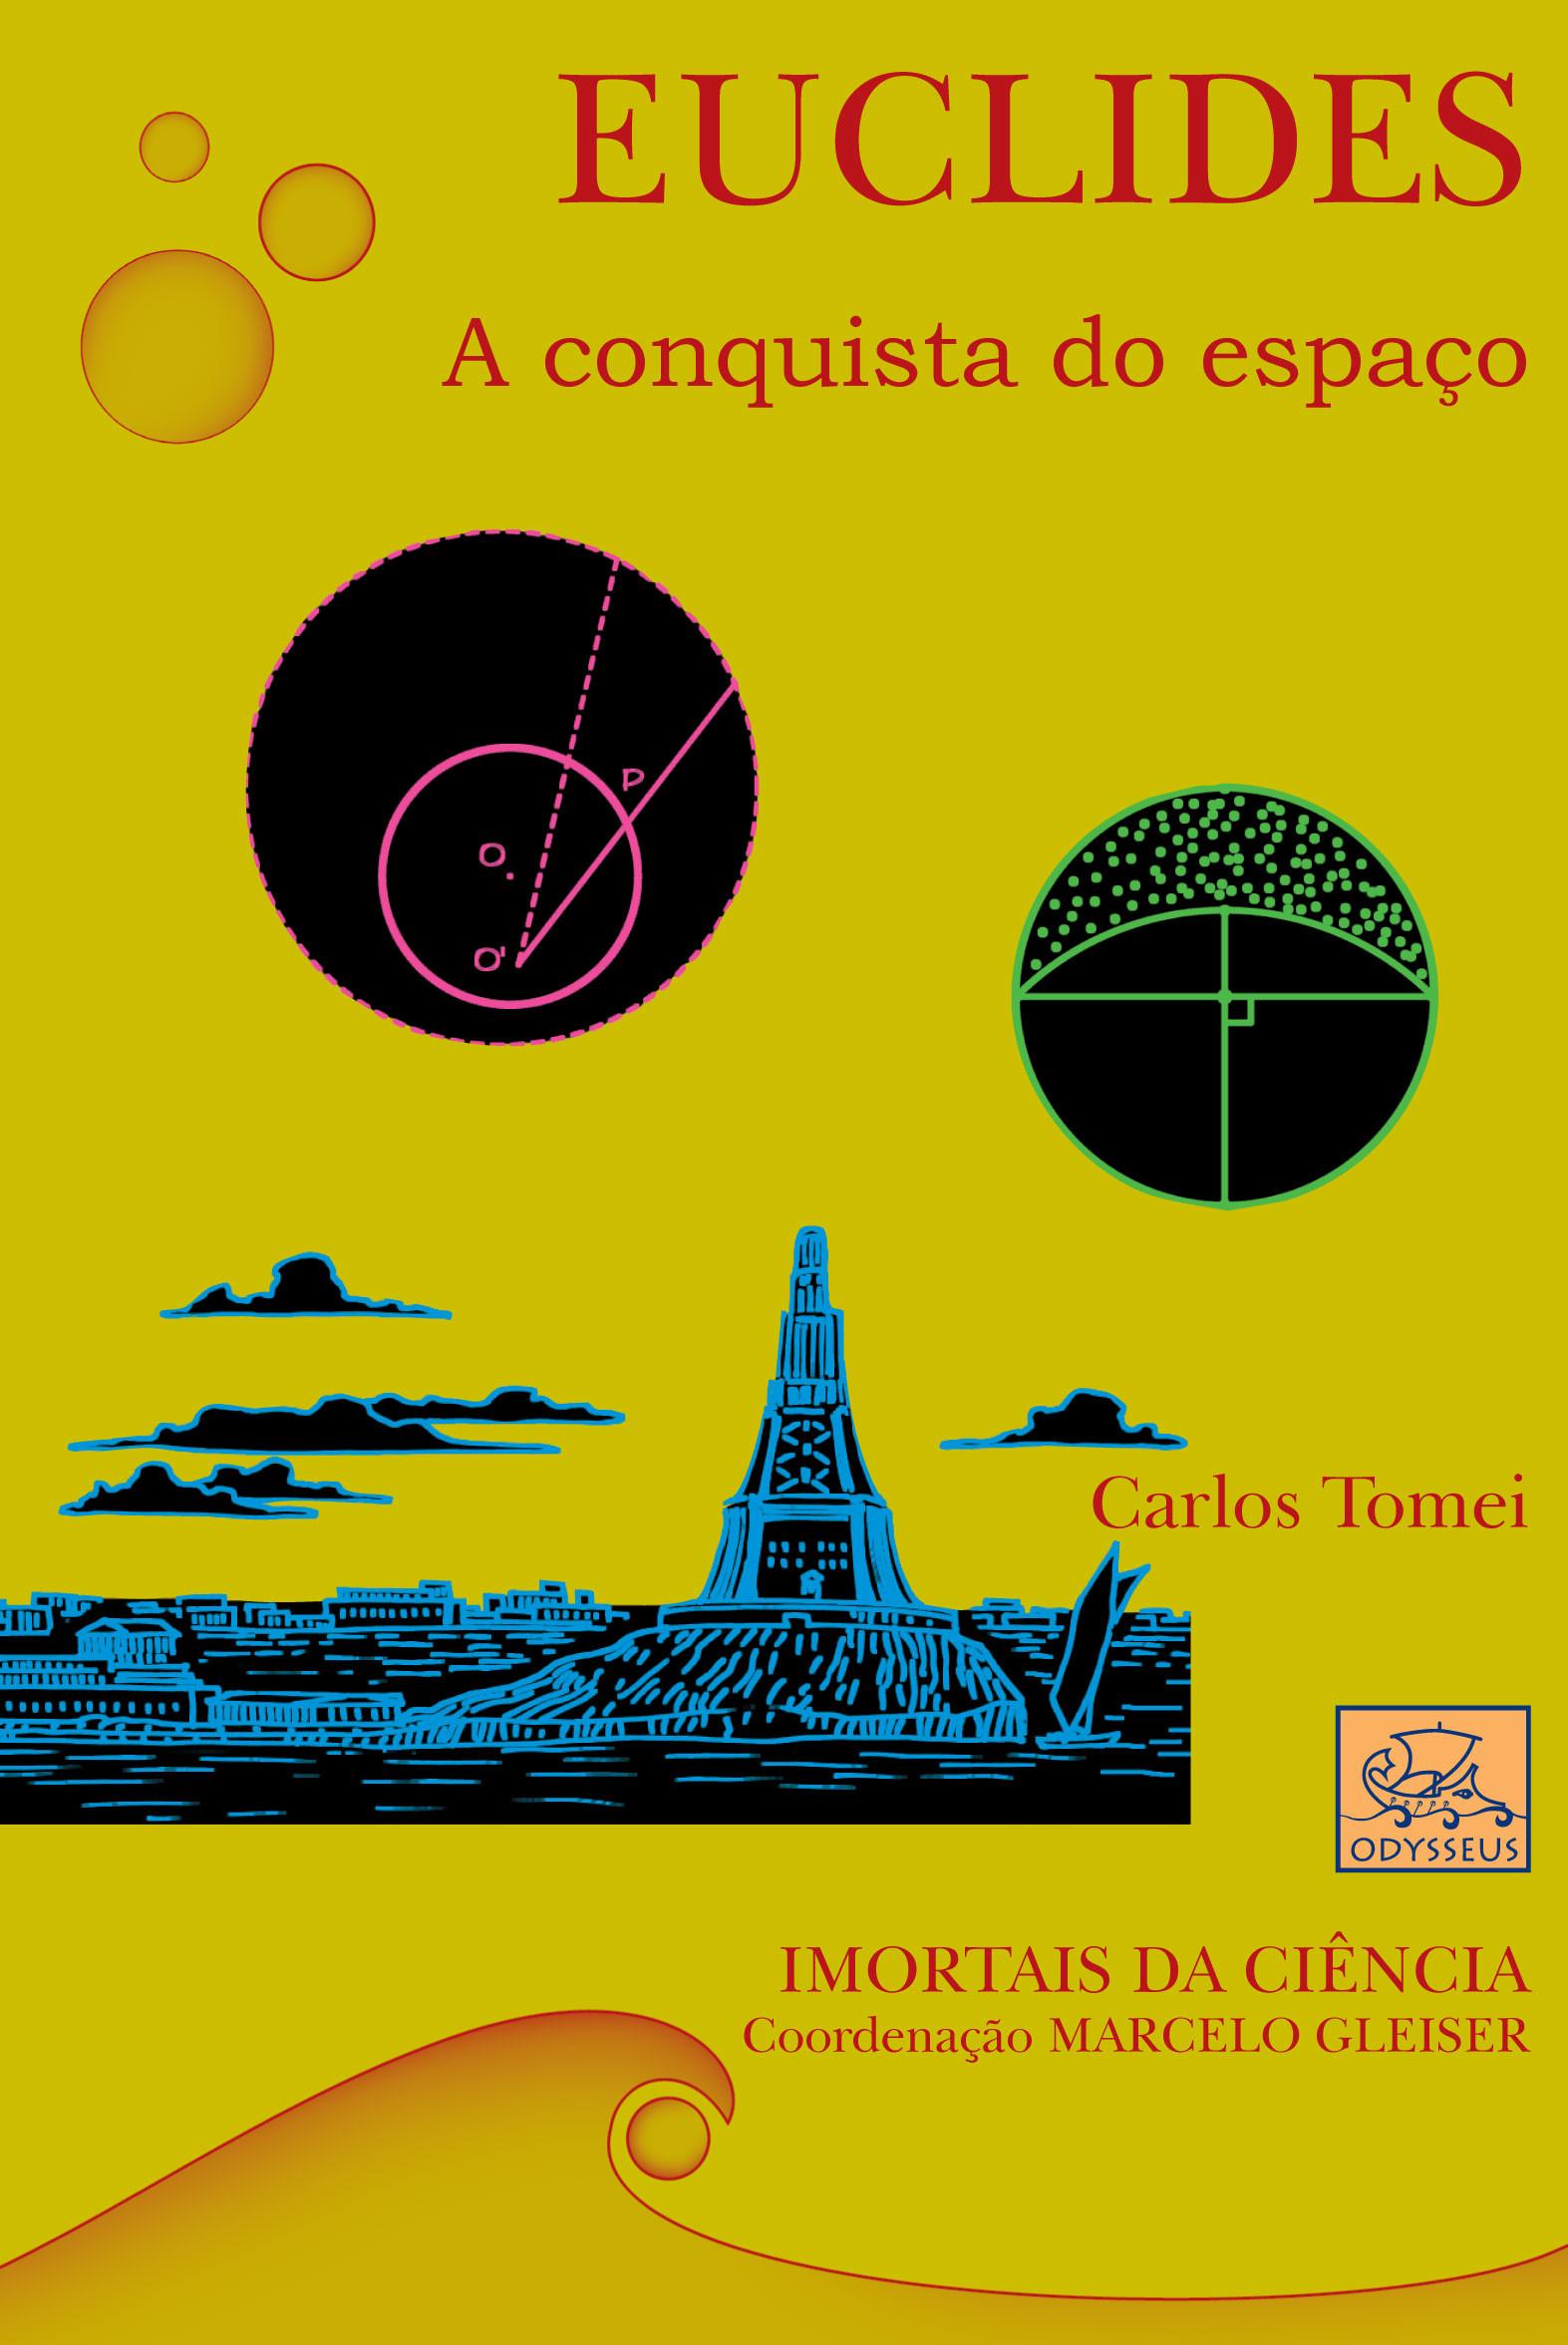 Euclides - a conquista do espaço